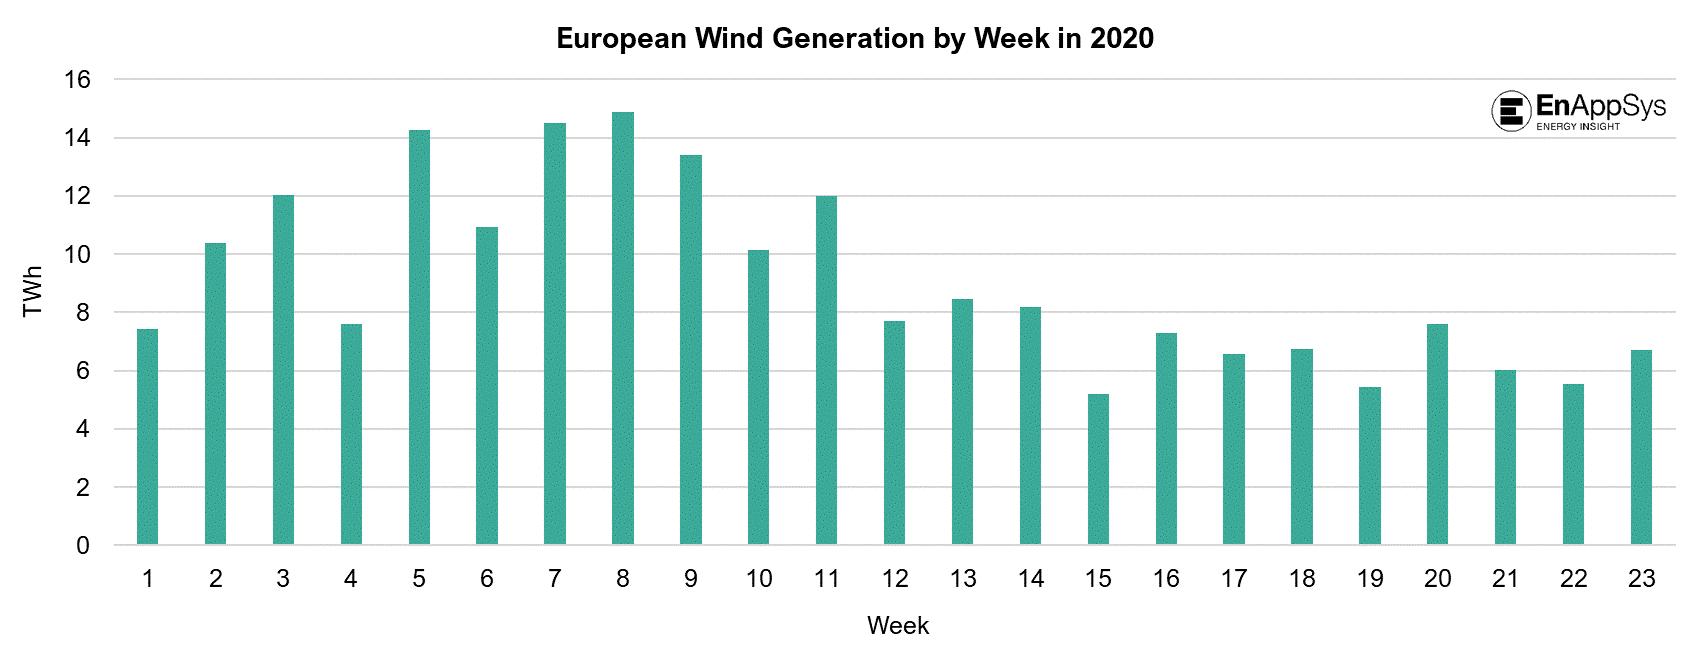 European Wind Generation by Week